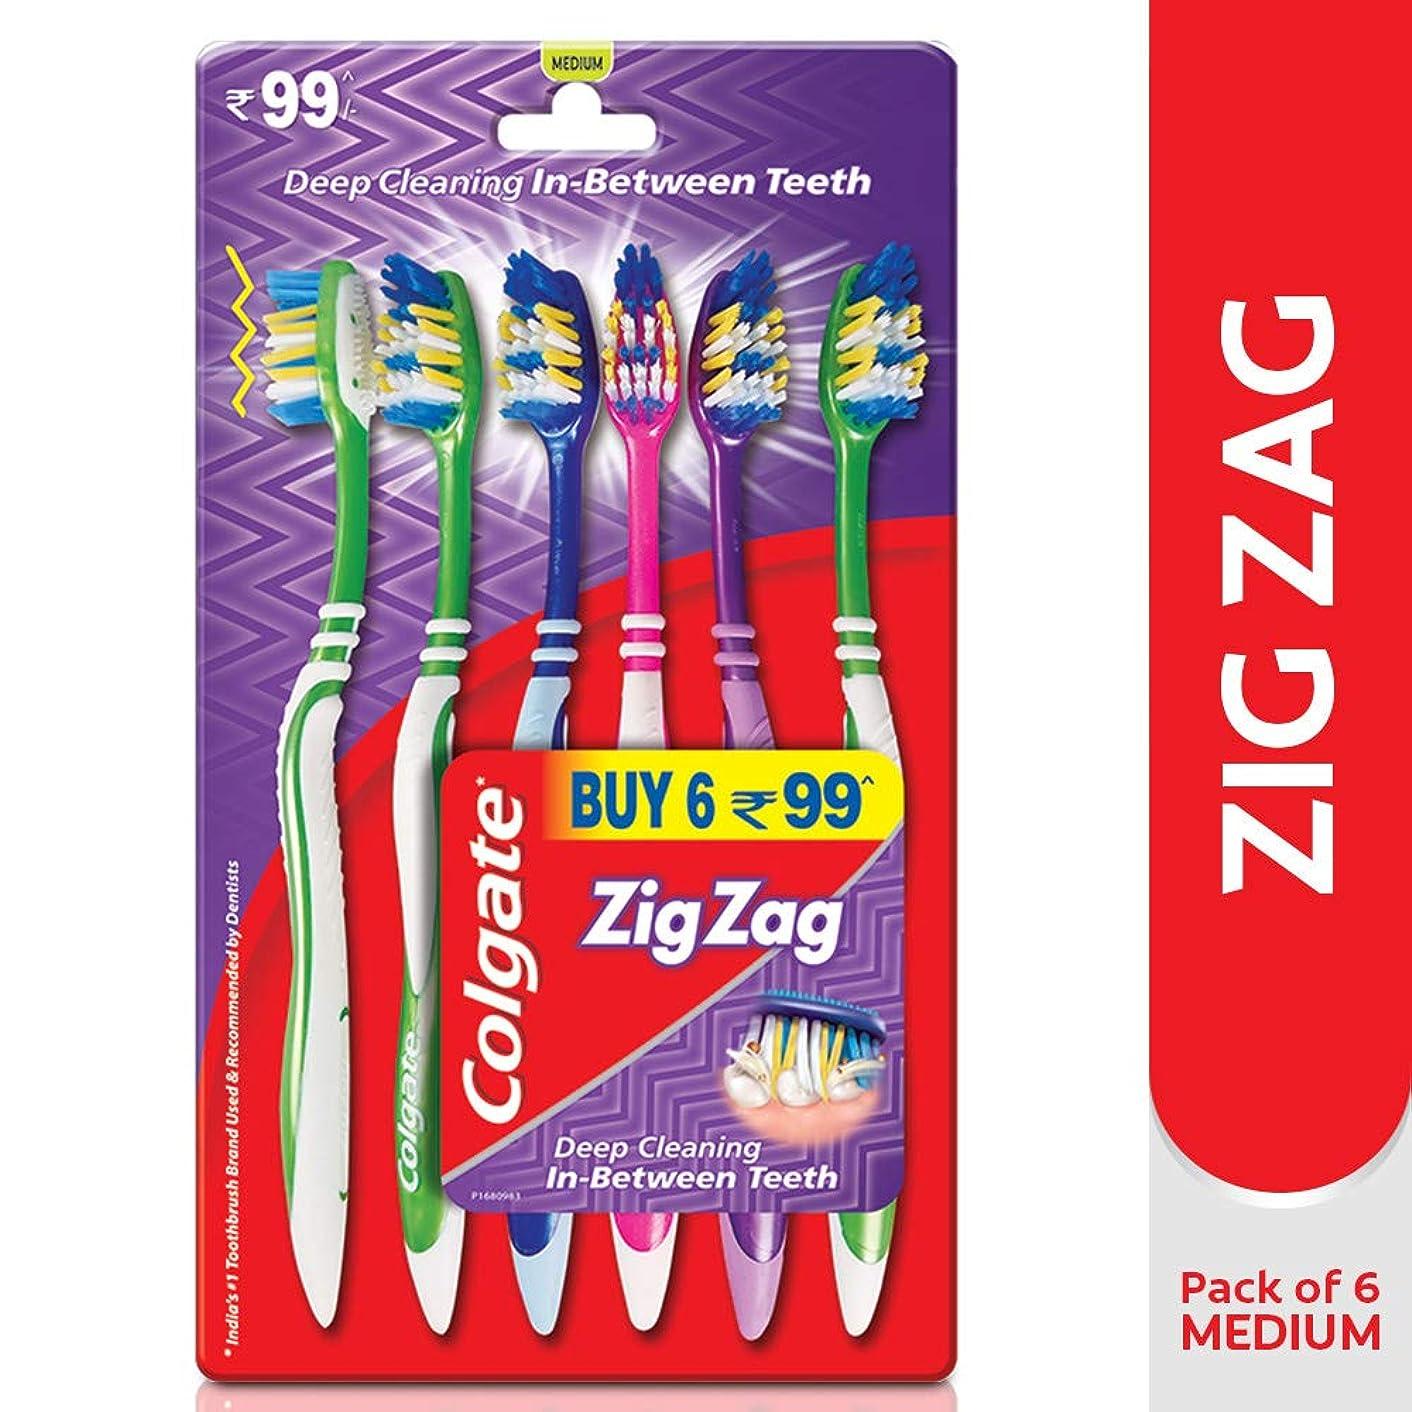 めまいチューブ時Colgate Zig Zag Toothbrush